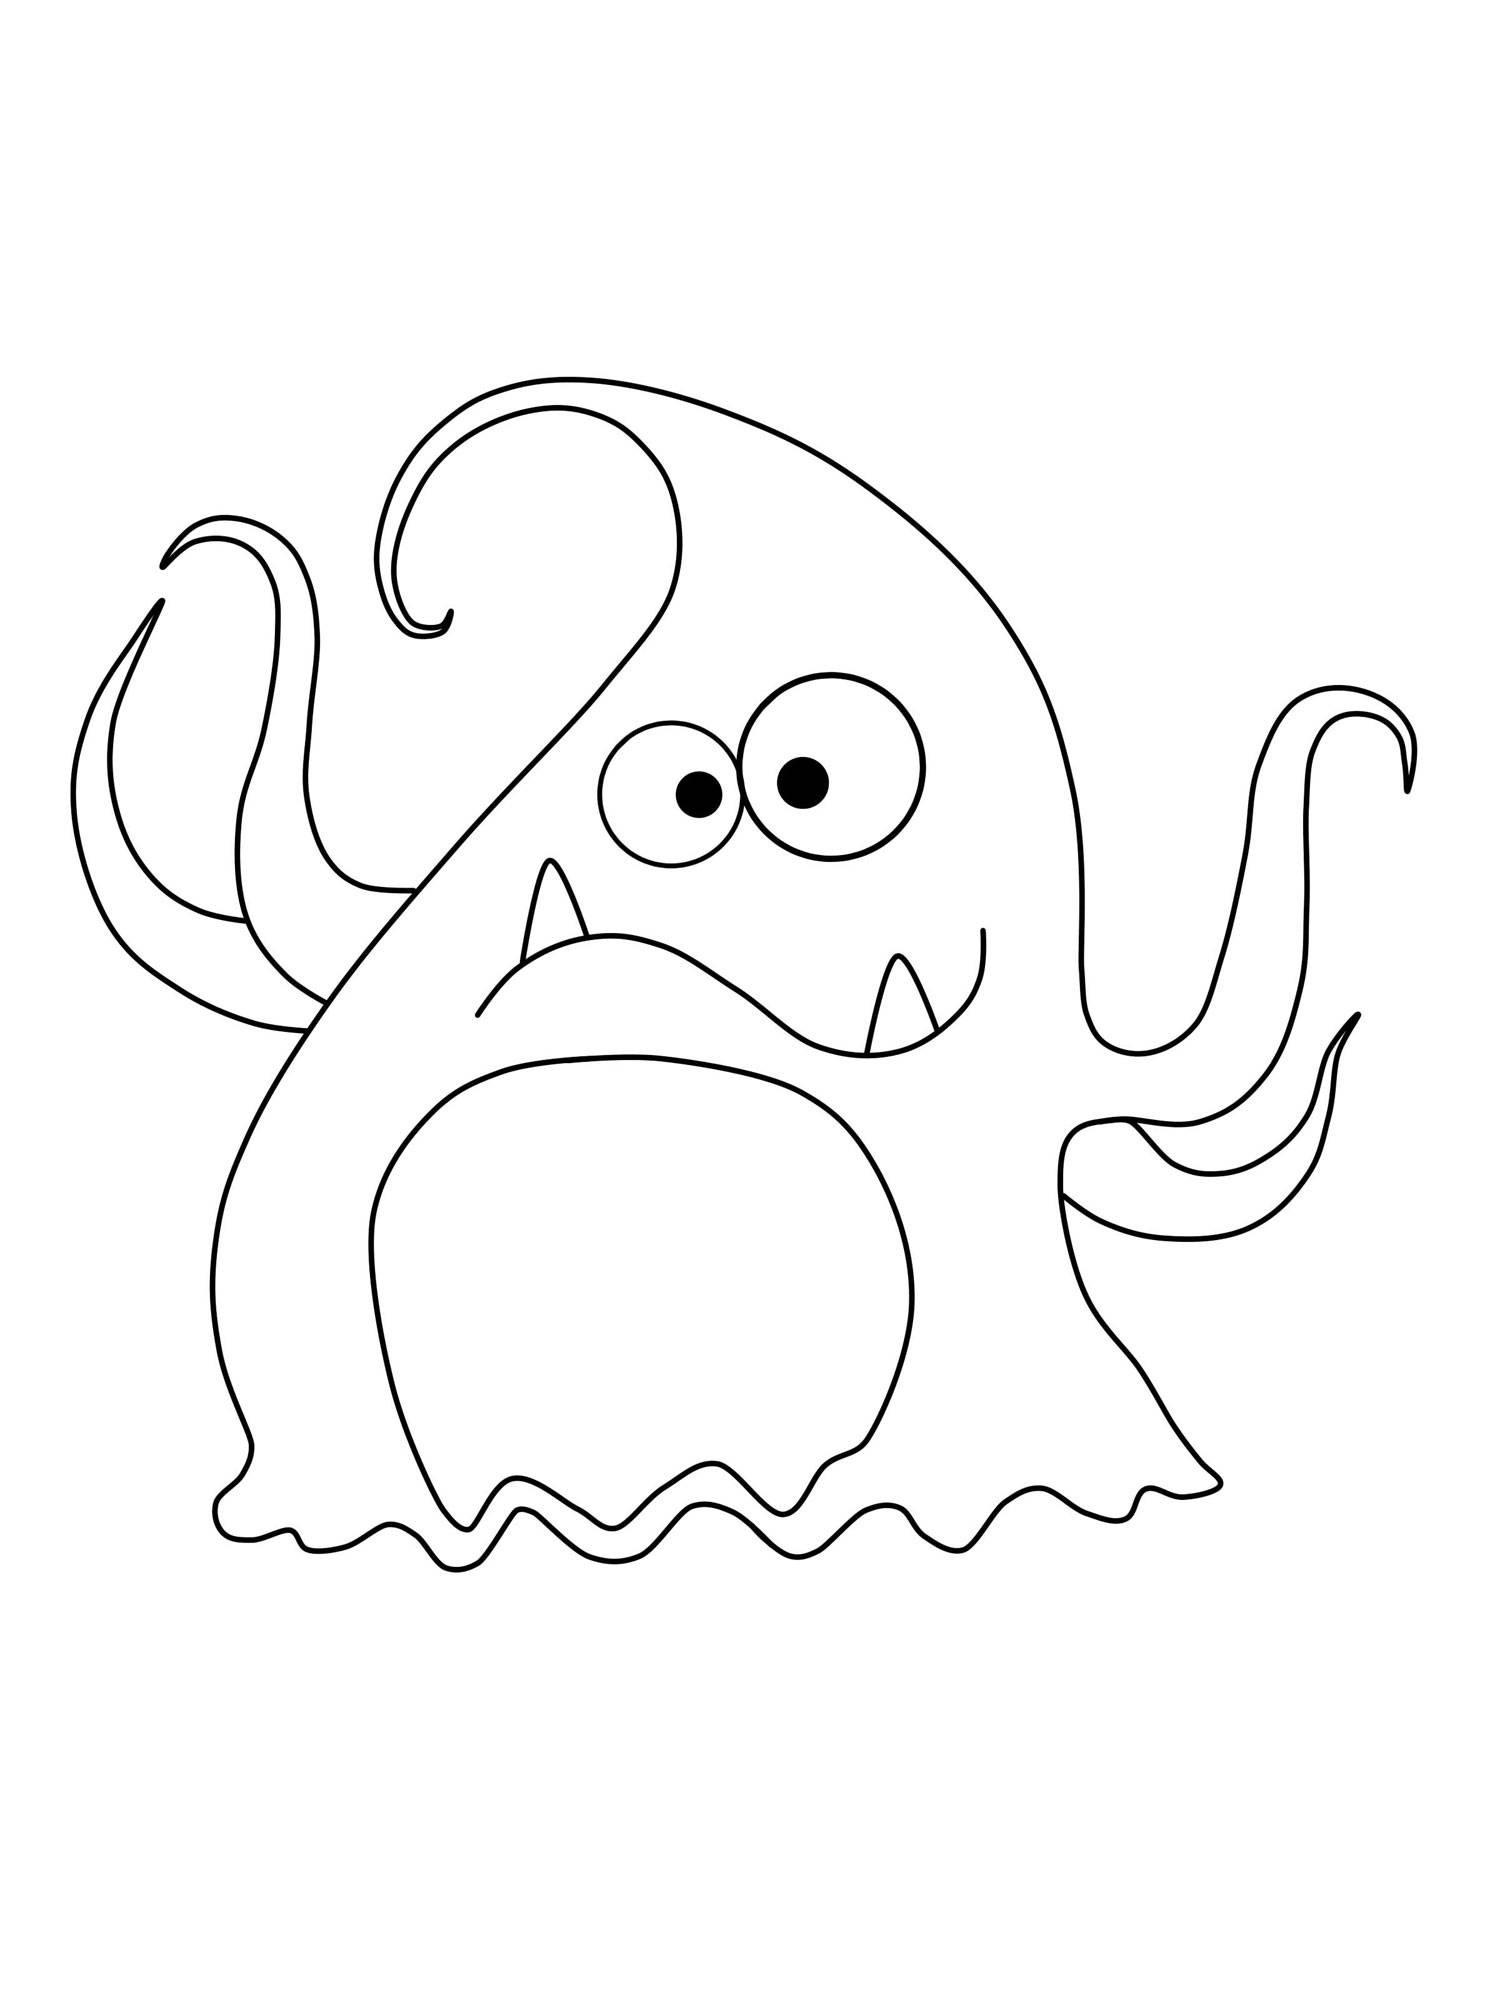 Monster Bilder Zum Ausmalen Neu Malvorlagen Halloween Gruselig Schön Neu Gruselige Malvorlagen Für Bilder